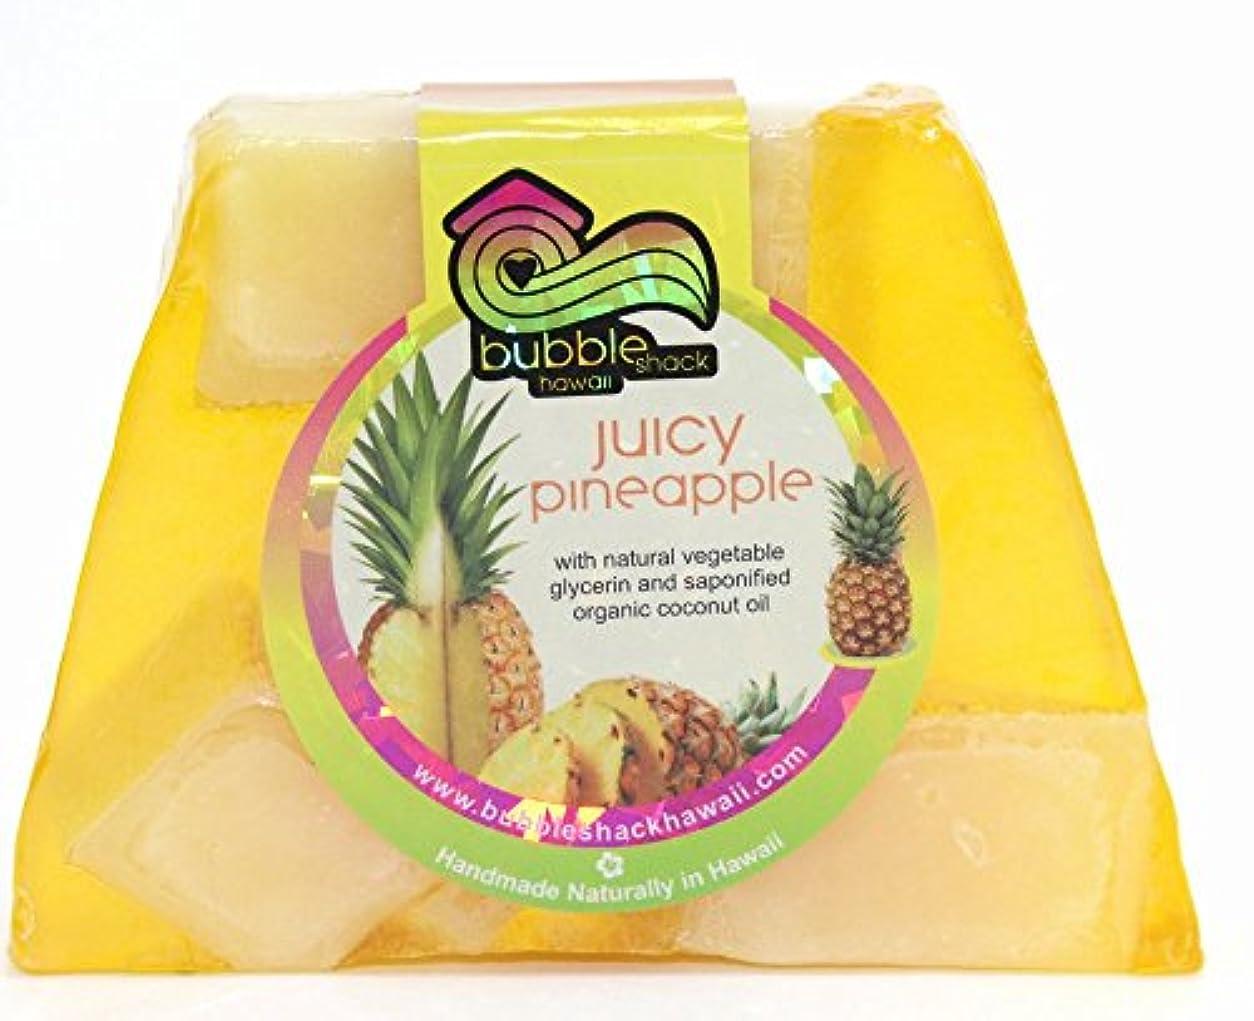 汚染された尊敬する真向こうハワイ お土産 ハワイアン雑貨 バブルシャック パイナップル チャンクソープ 石鹸 (パイナップル) ハワイ雑貨